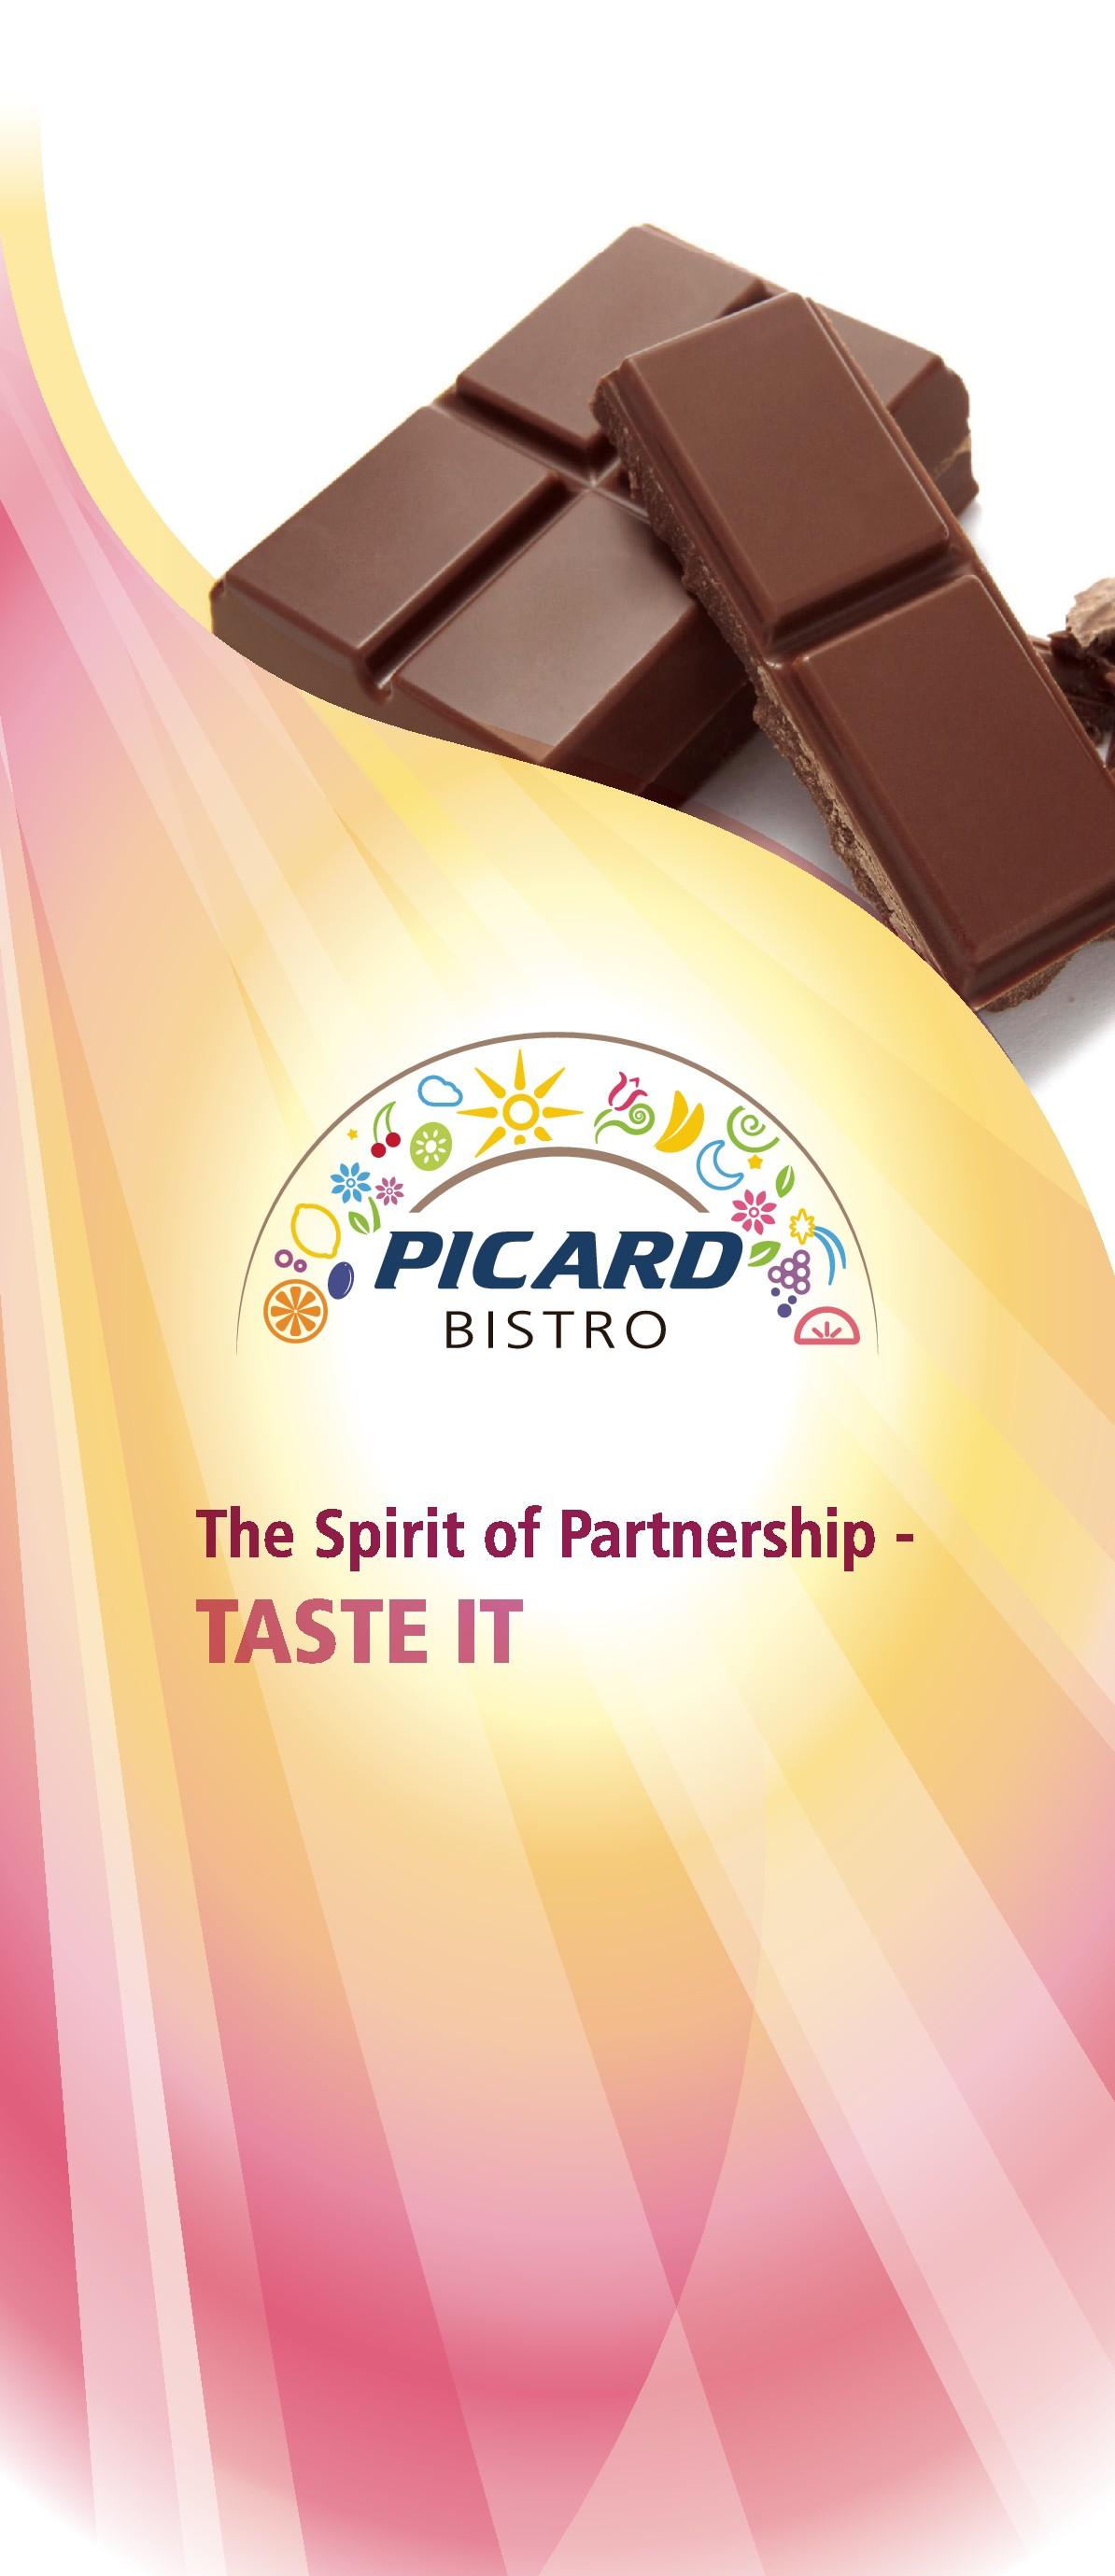 Gestaltung einer Banderole für eine Schokoladentafel Rittersport 250g mit dem PICARD BISTRO Motiv